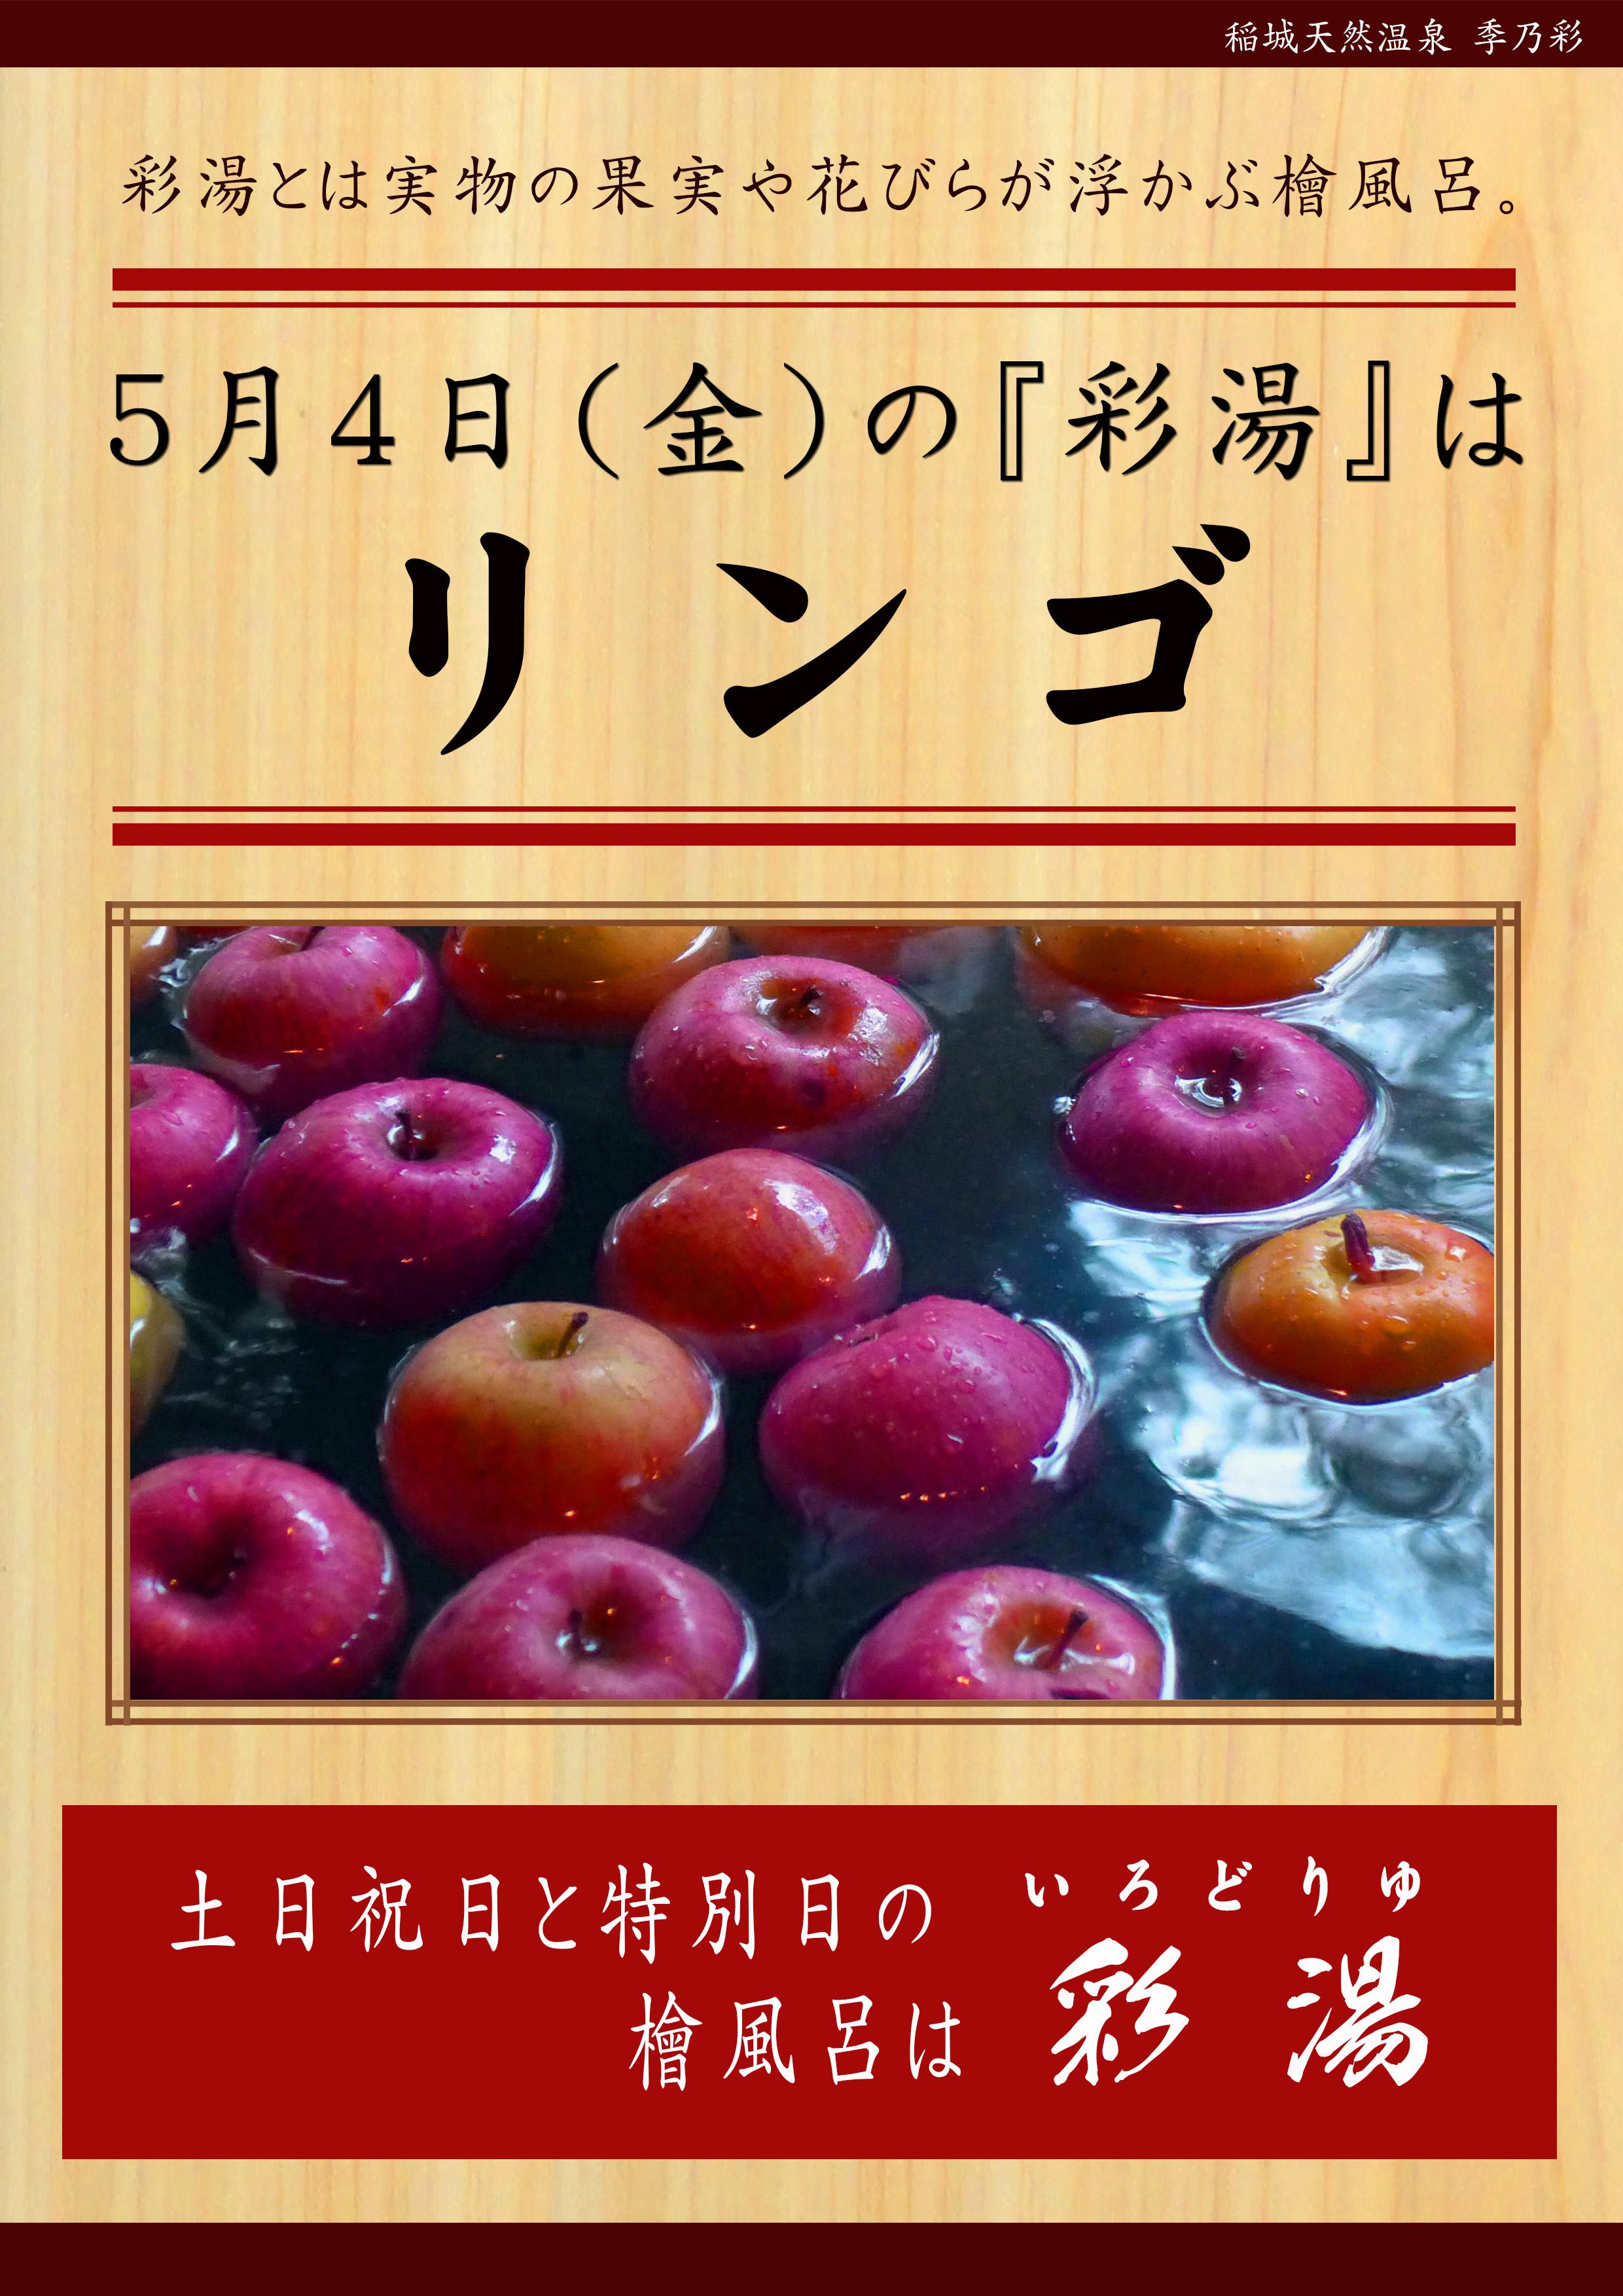 20180504POP イベント 彩湯 リンゴ